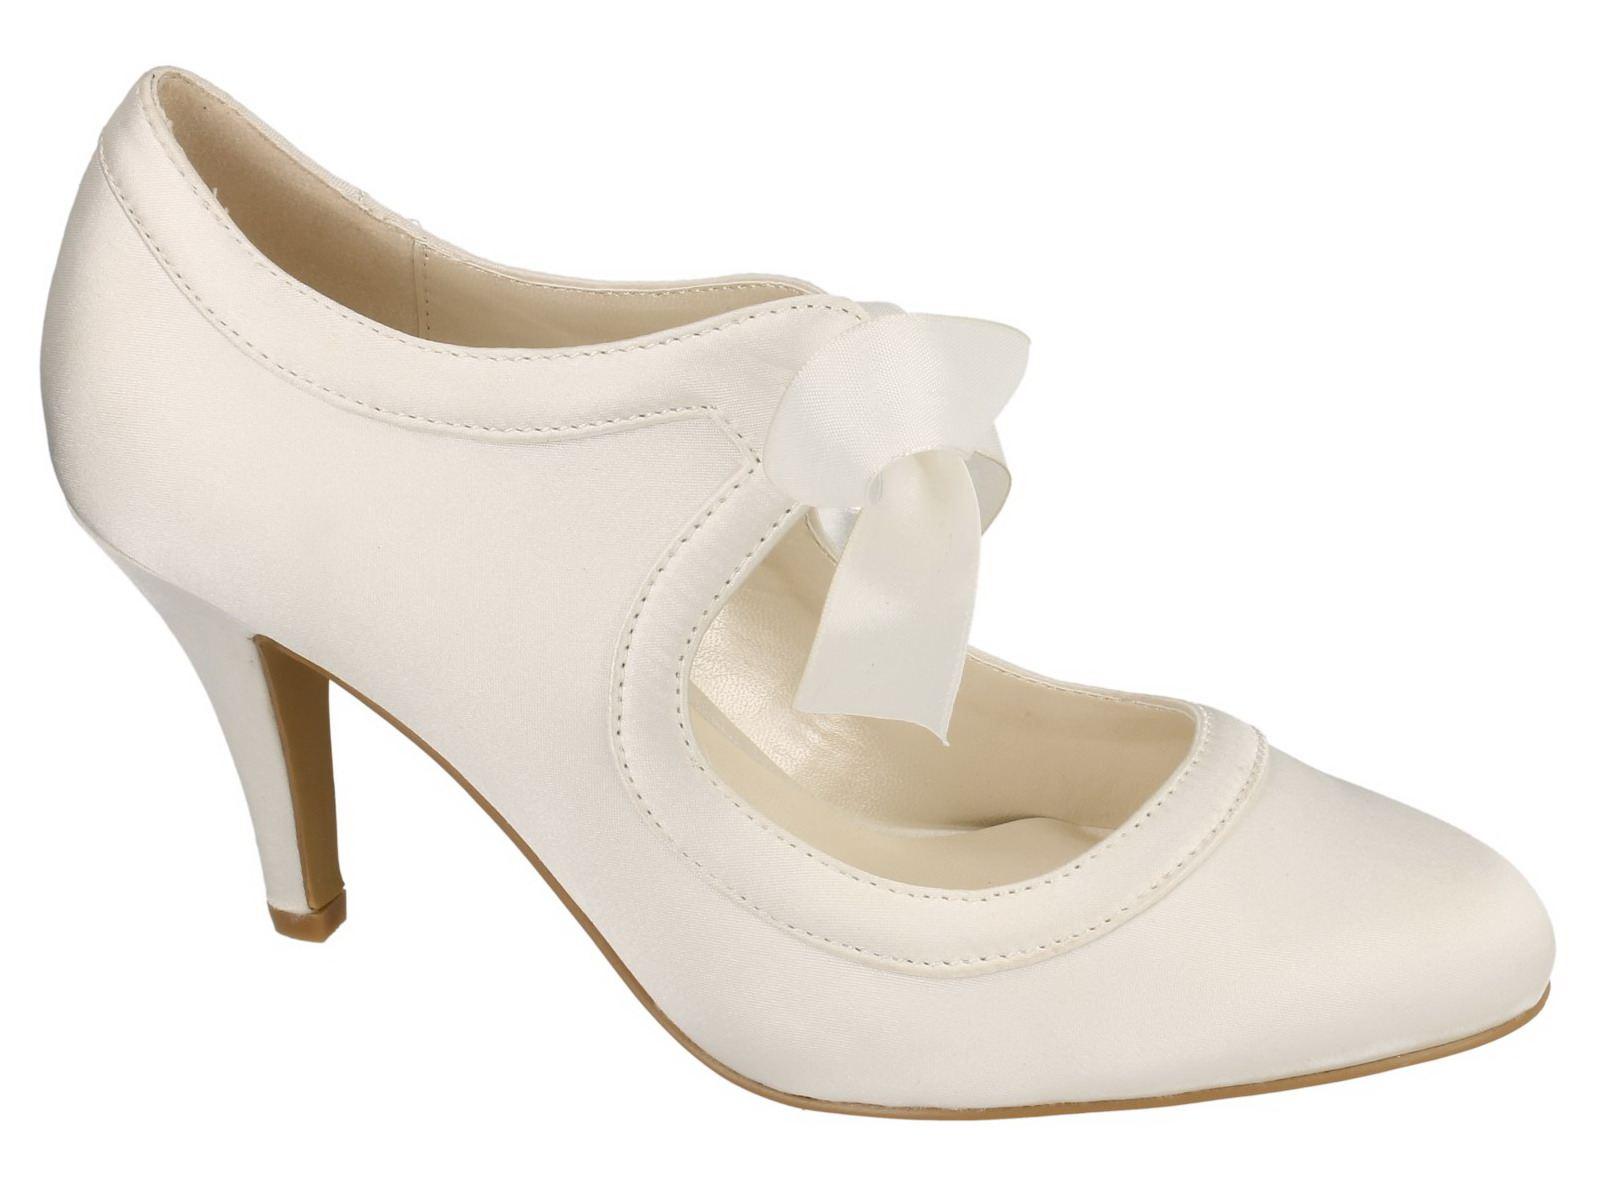 womens ivory satin wedding bridal slip on lace